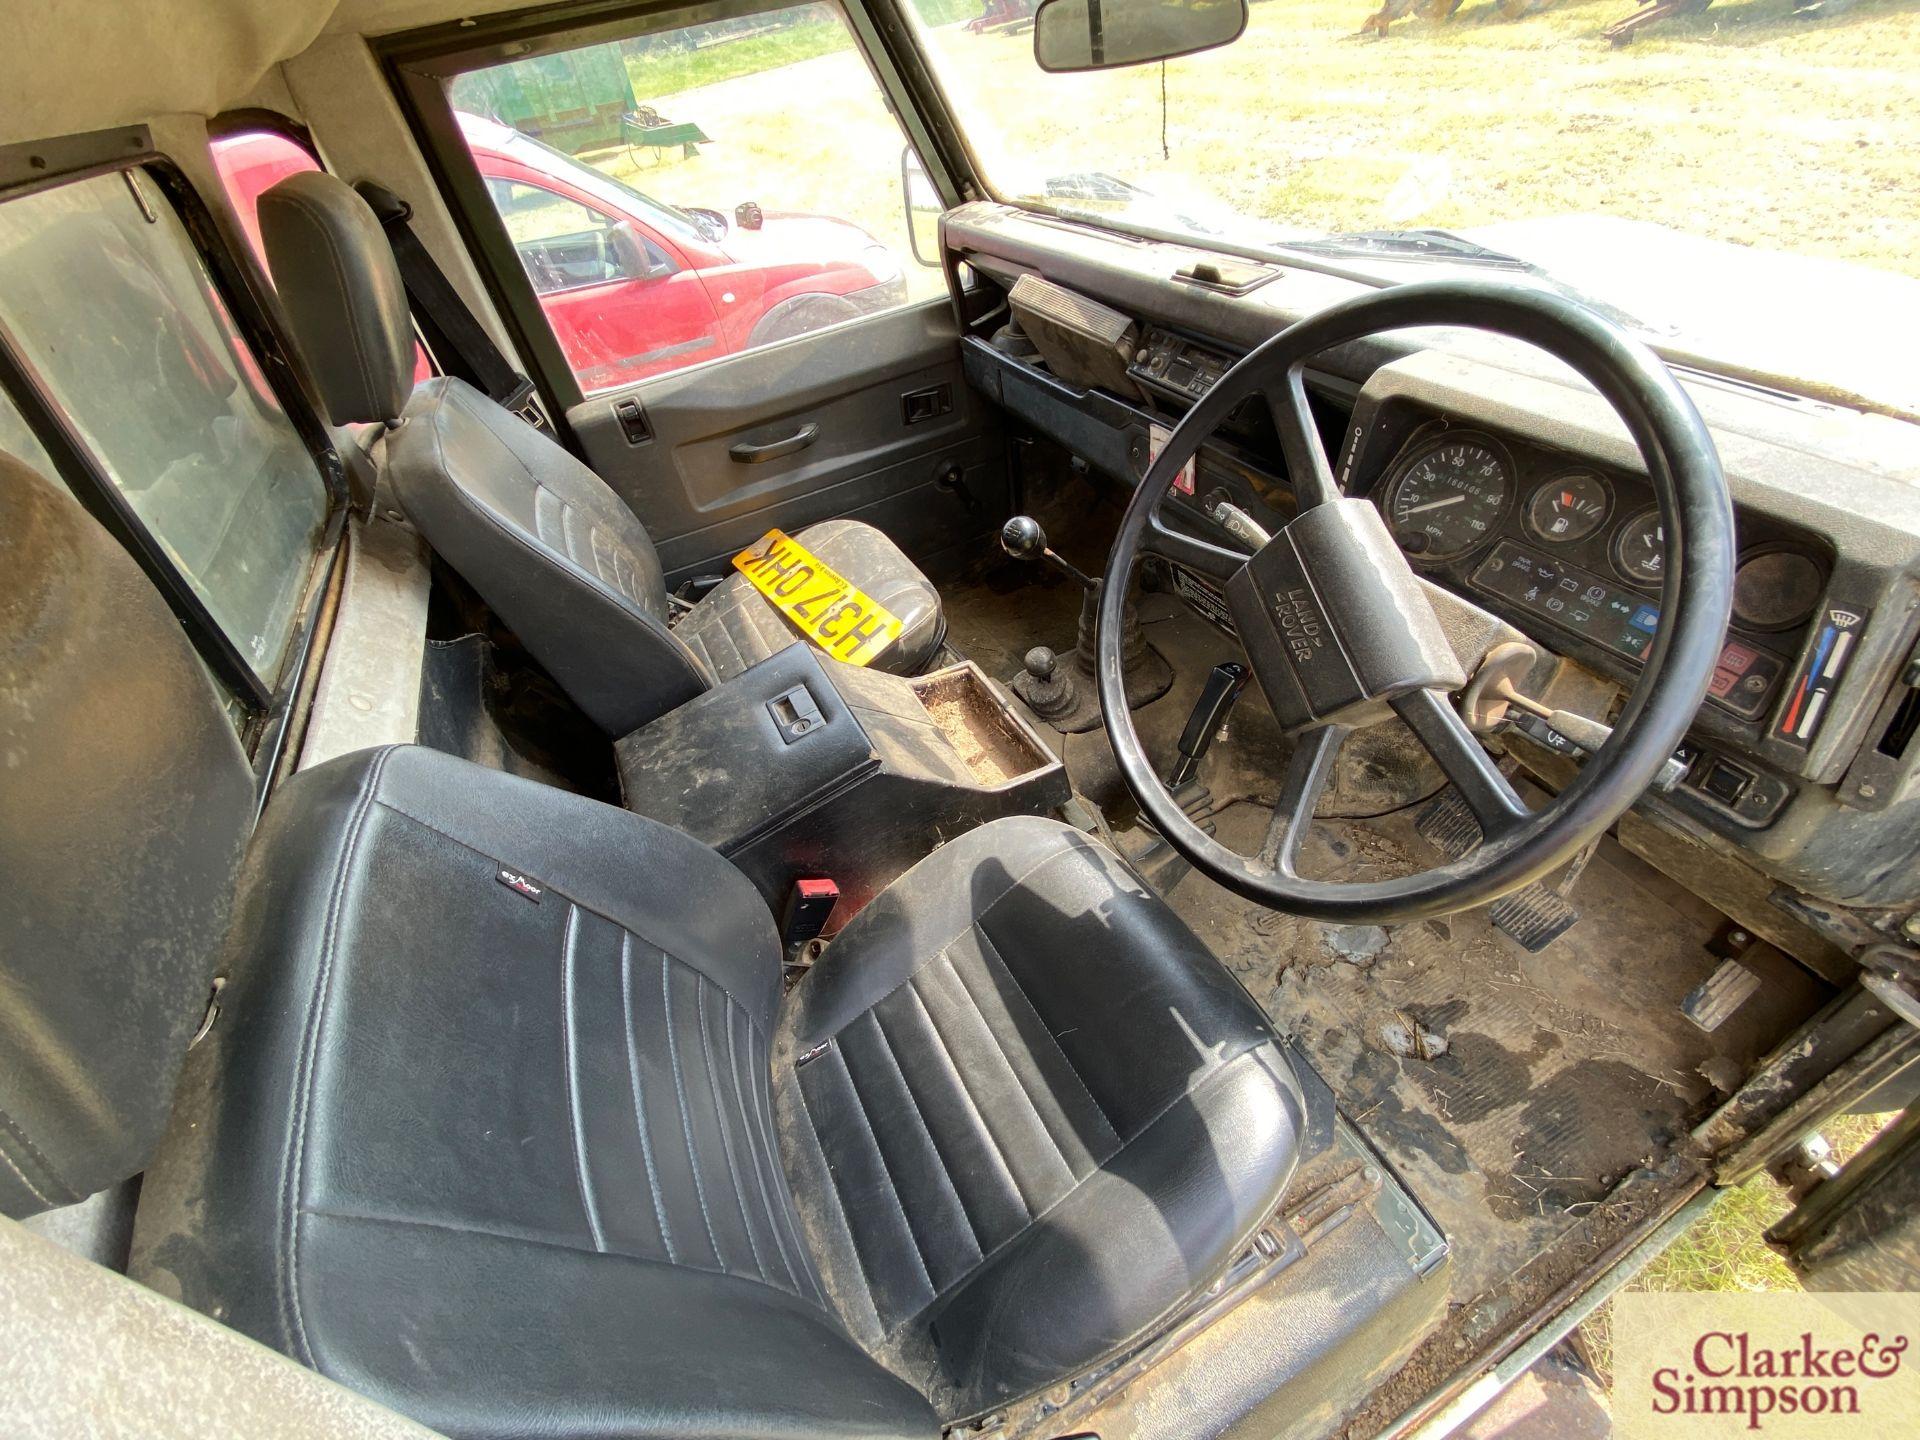 Land Rover Defender 110 single cab pick-up. Registration H317 OHK. Date of first registration 08/ - Image 36 of 56